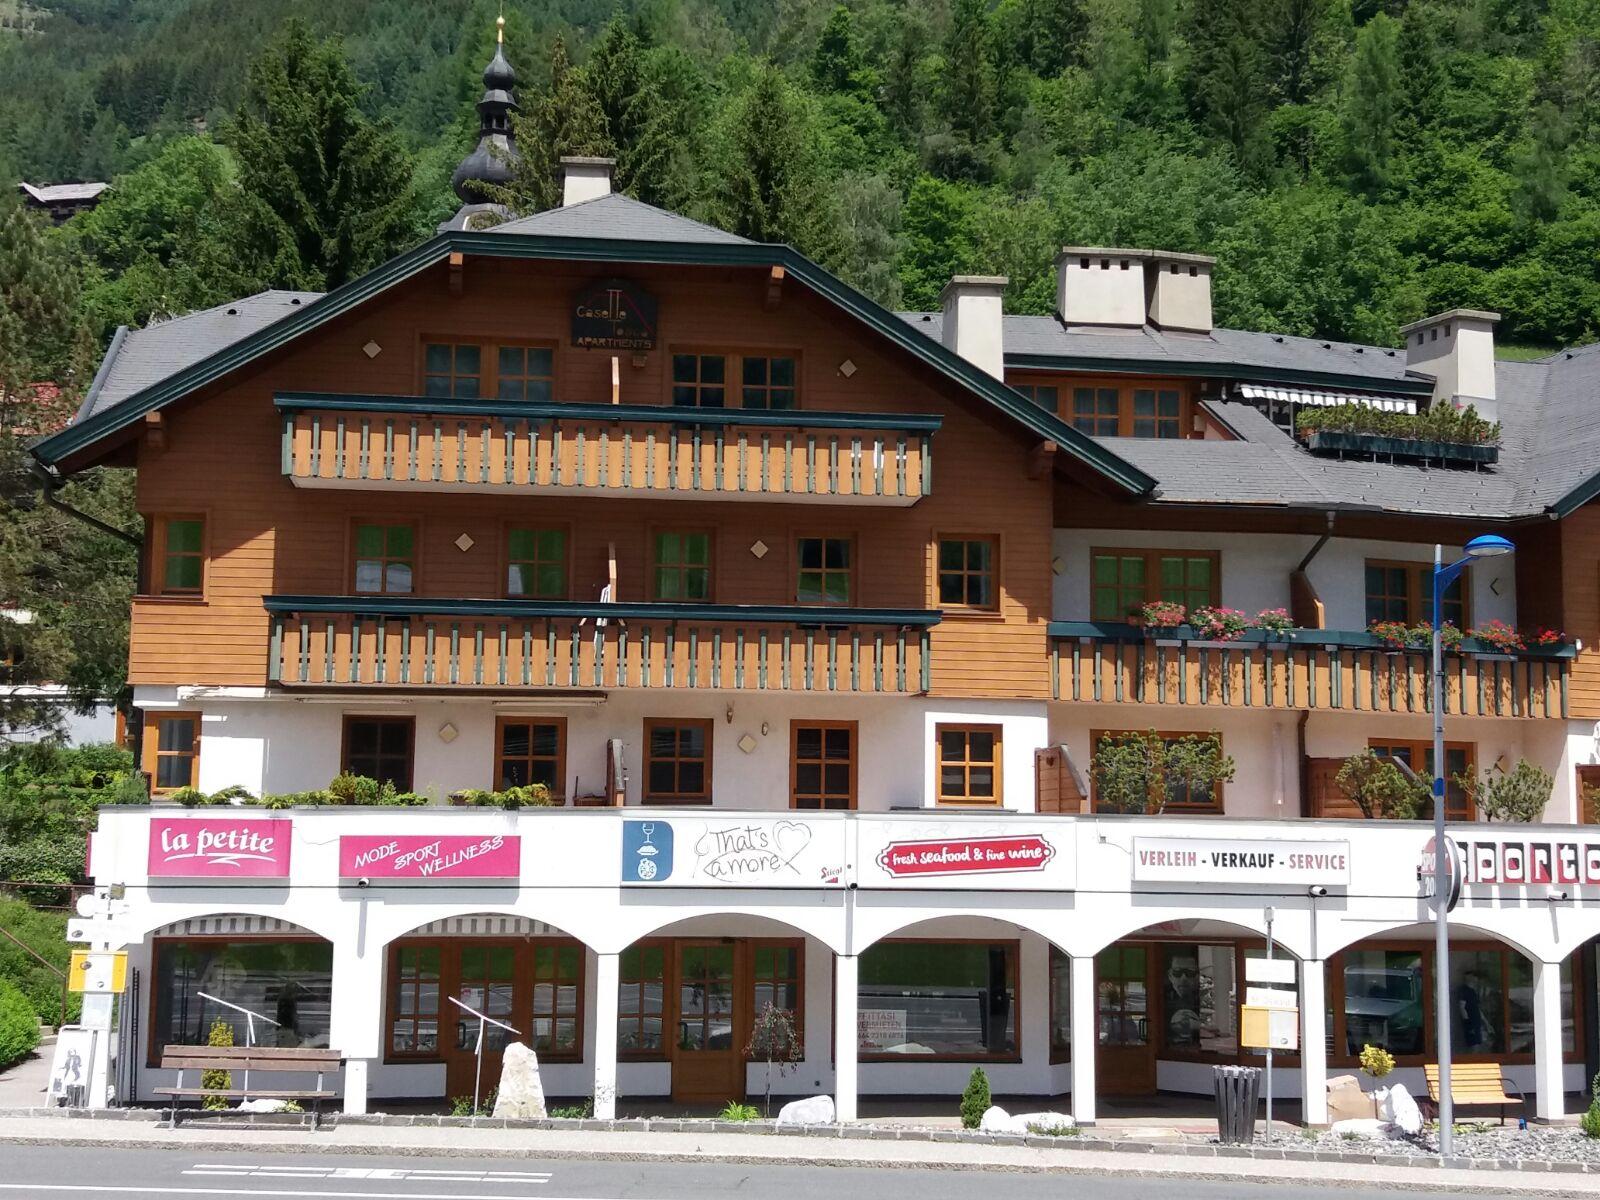 Bad Kleinkirchheim, Kaernten, Investitionsobjekt (TOSCA), gegenueber Roemertherme, Kaiserburg